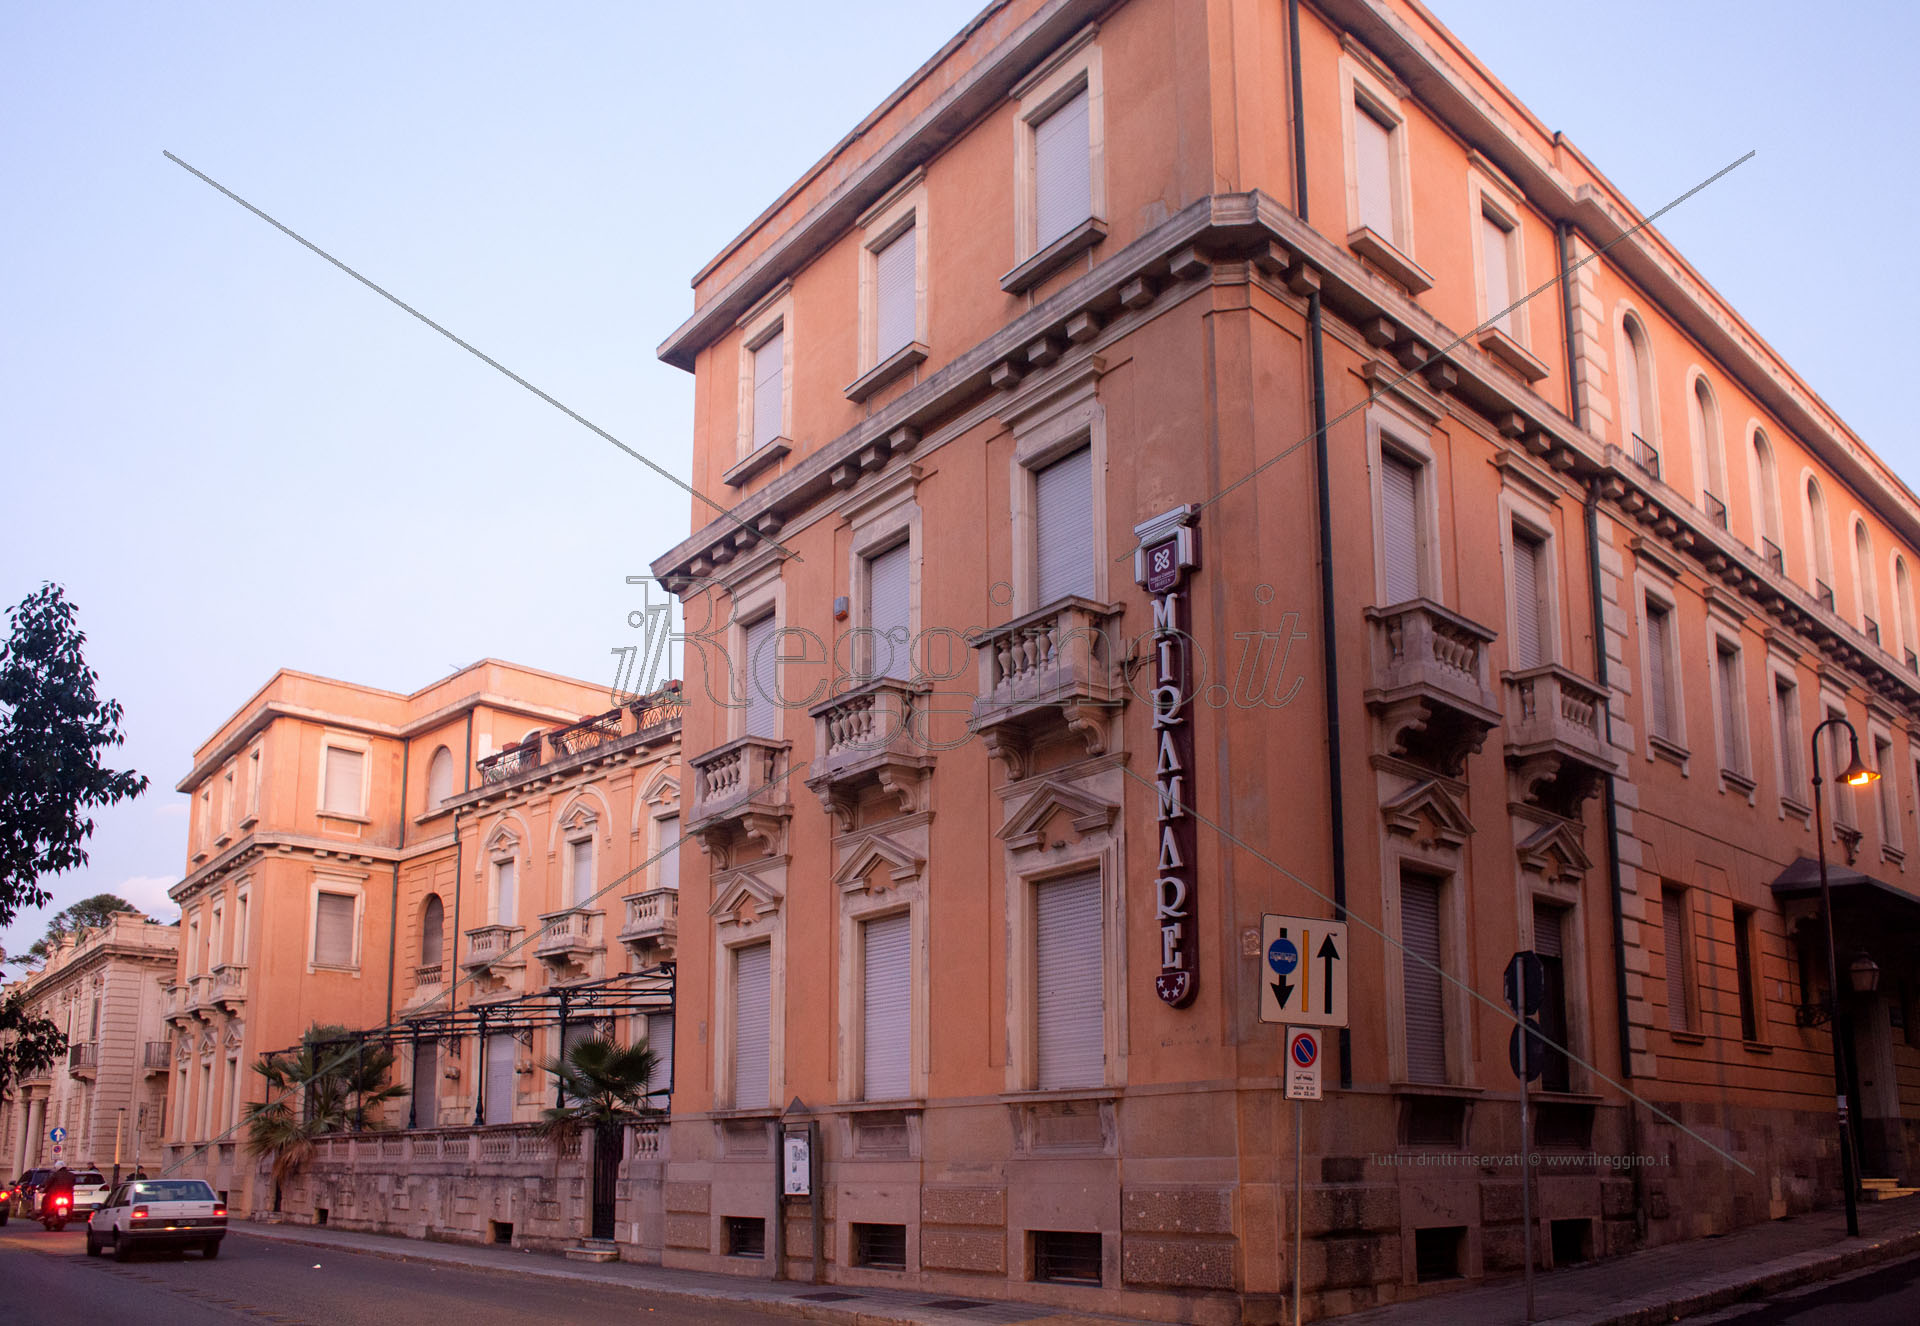 Dopo liti feroci, denunce e processi nuova vita per l'albergo Miramare